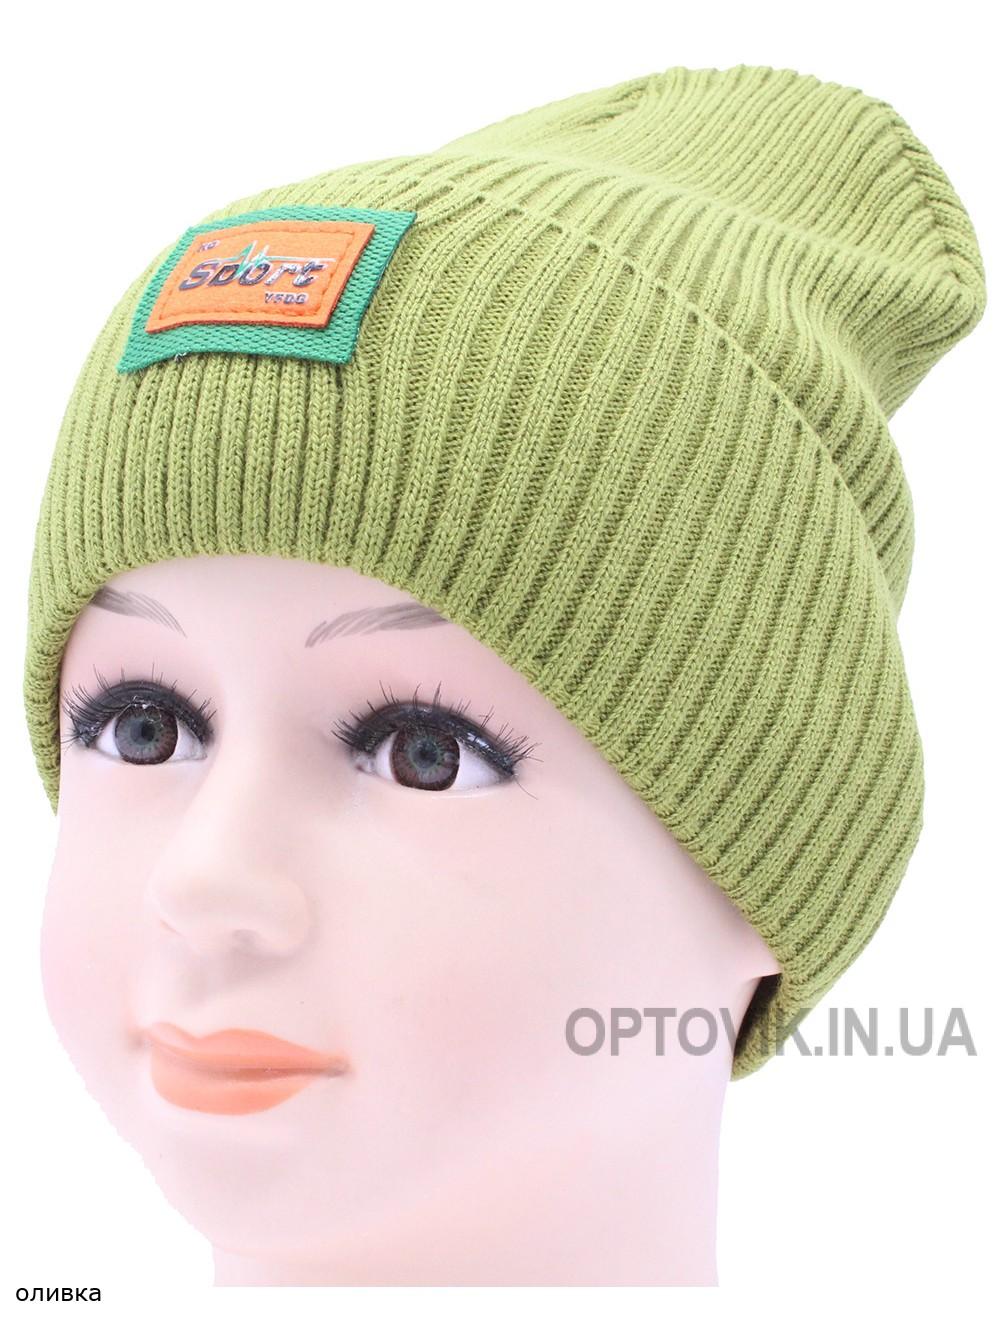 Детская вязаная шапка №036185-52-54